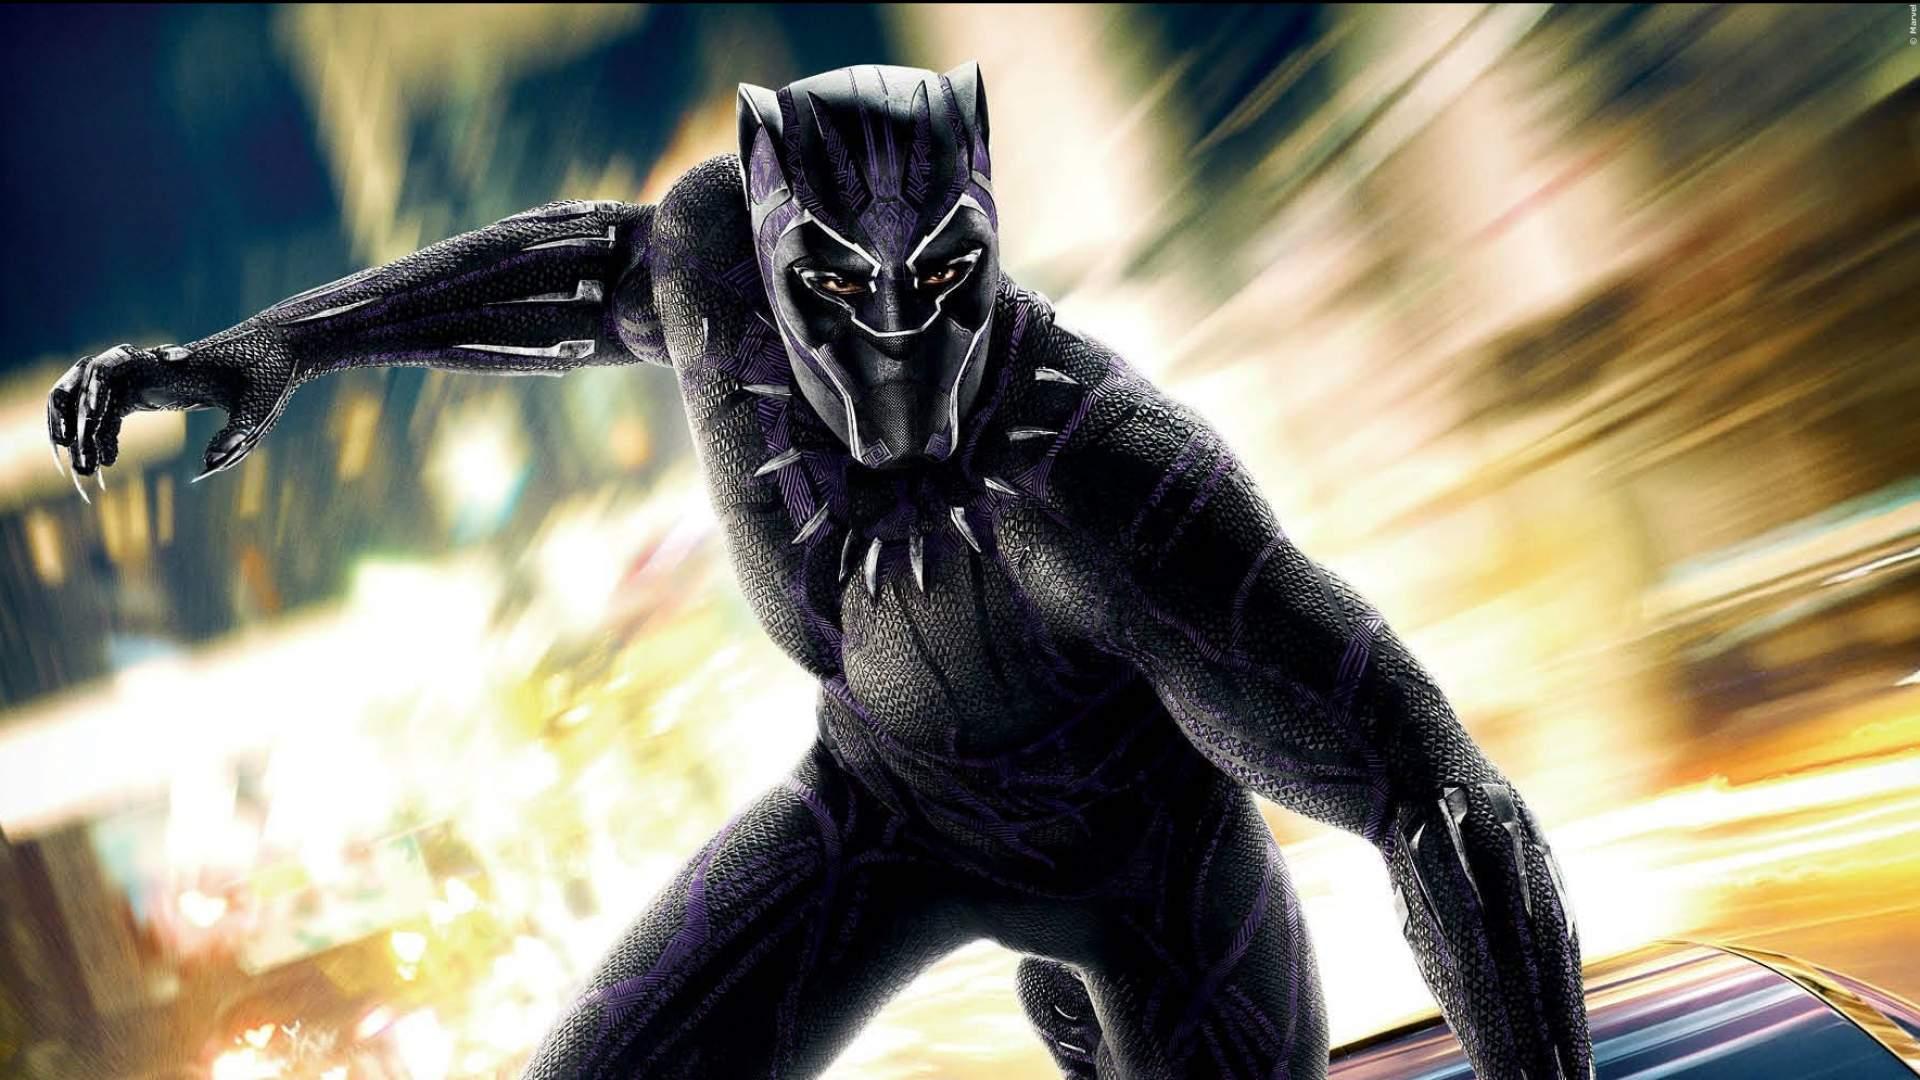 RÜCKKEHR: Diesen Marvel-Star sehen wir in 'Black Panther 2' wieder